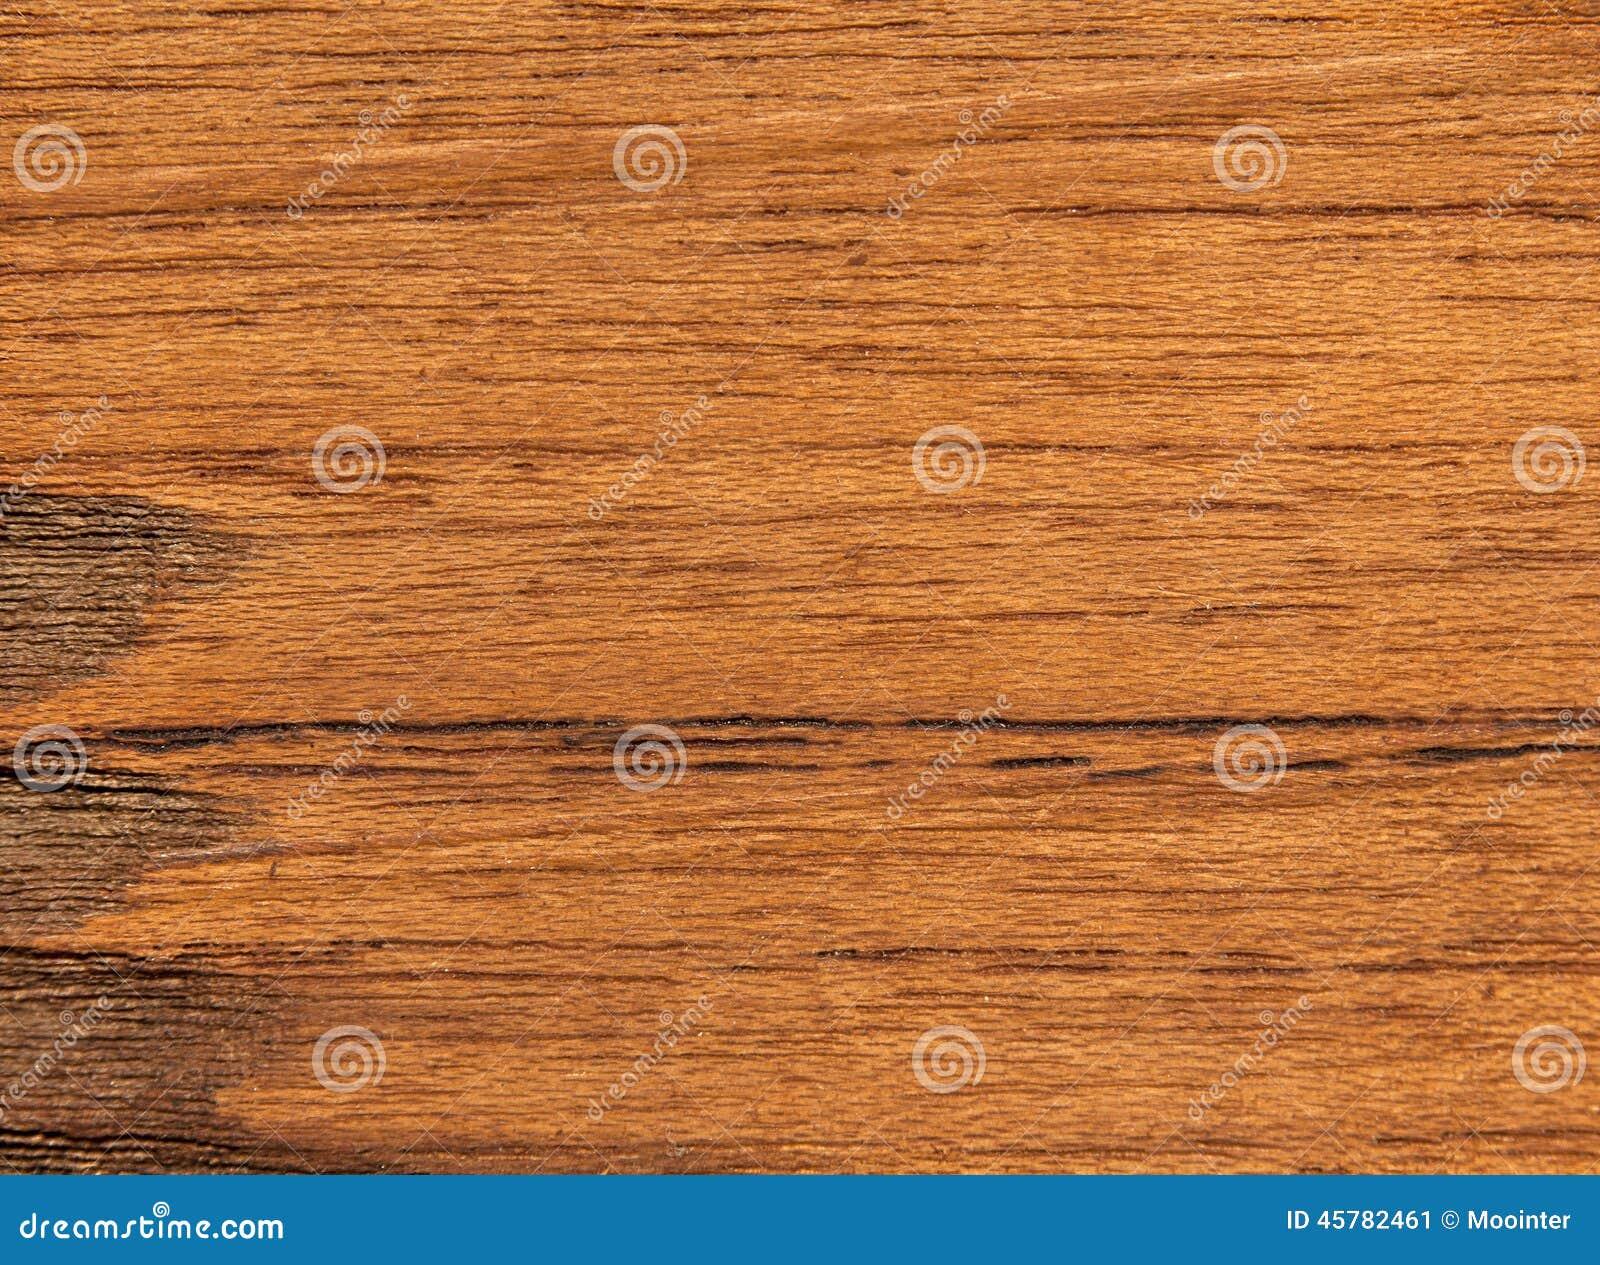 Teak Wood Stocks ~ Teak wood stock image of minimal board marine